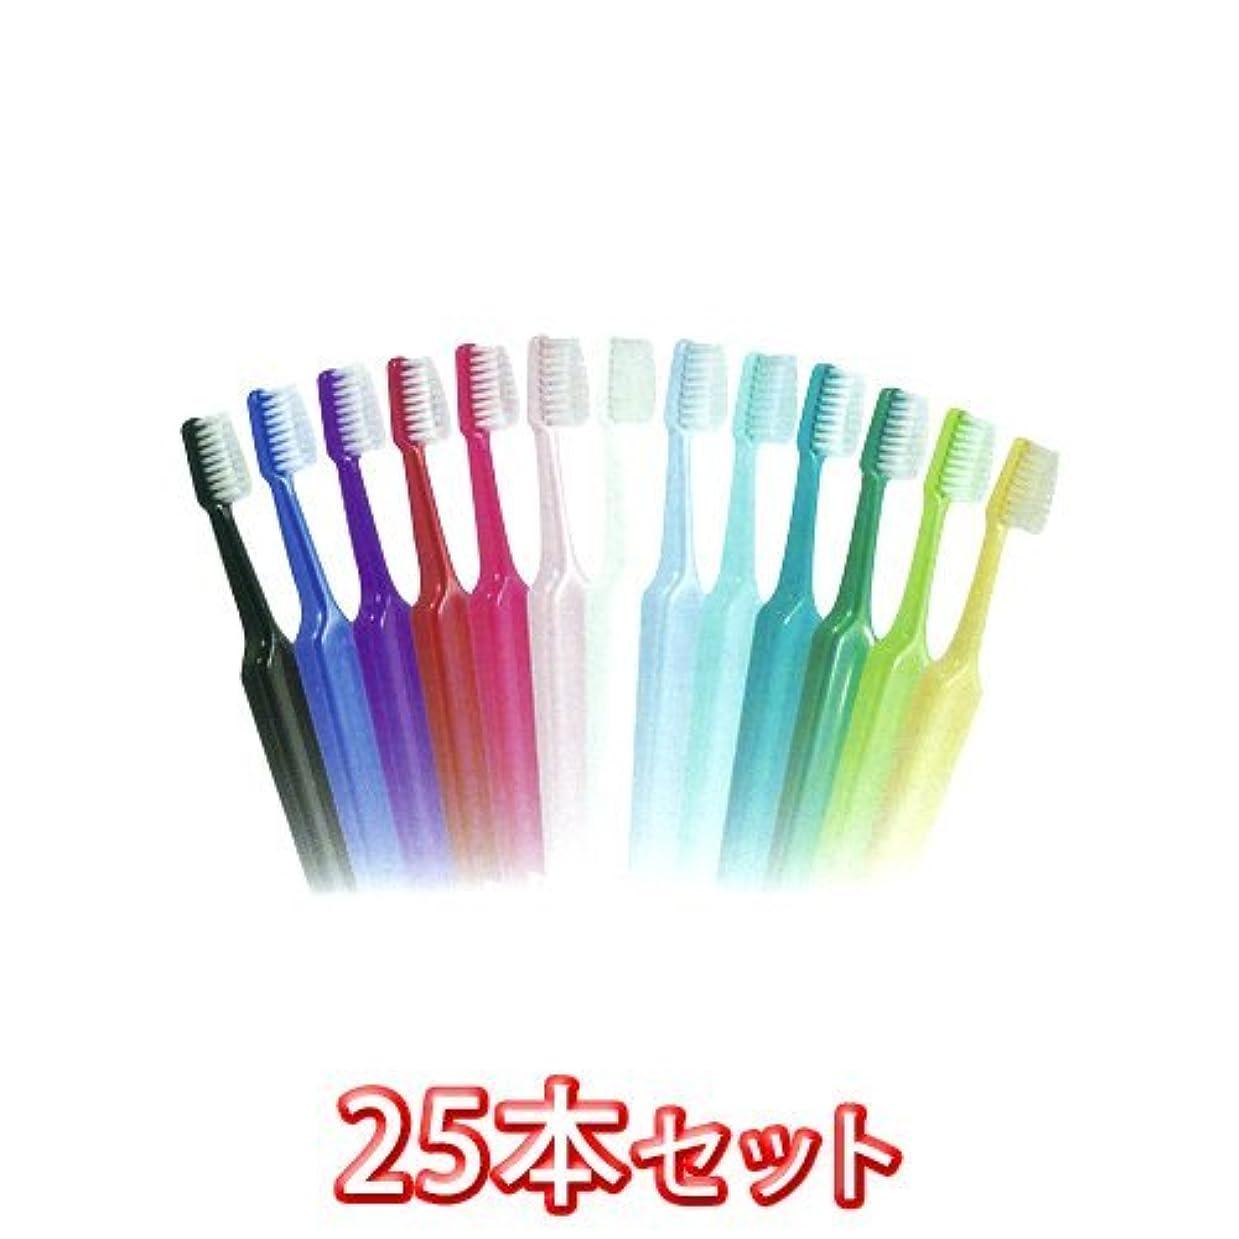 論文噛むそよ風TePeテペセレクトコンパクト歯ブラシ 25本(コンパクトエクストラソフト)